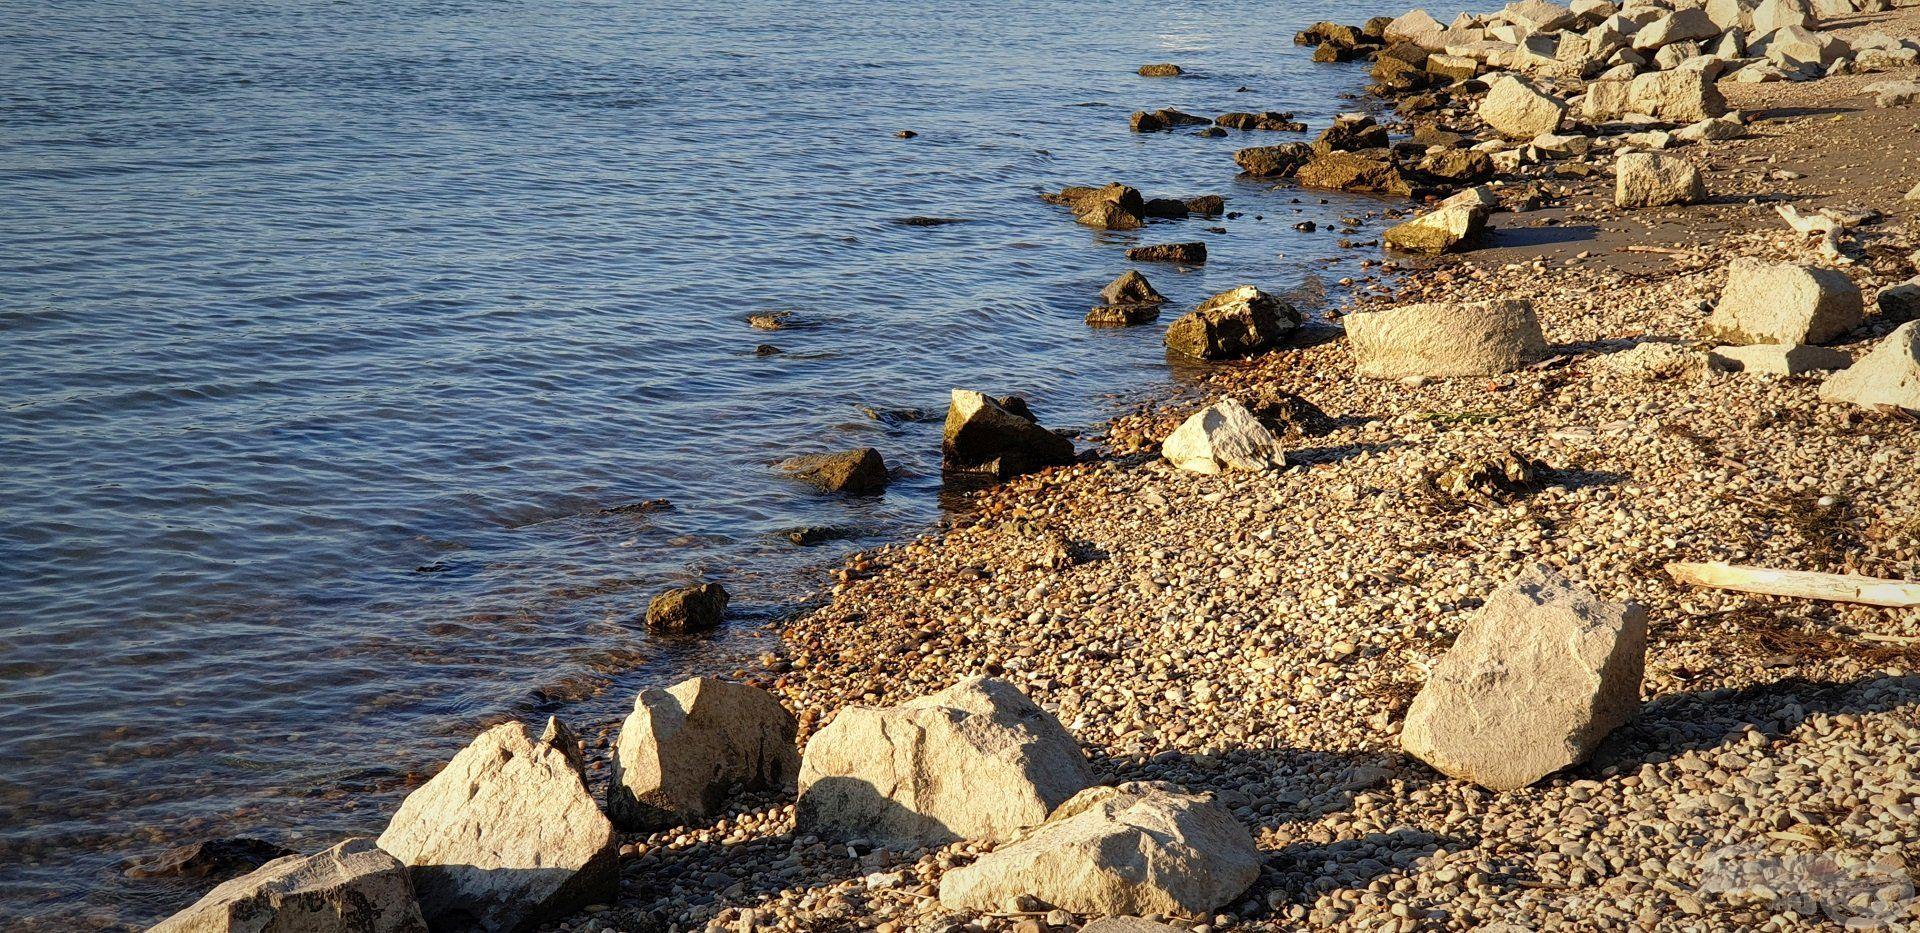 Nem könnyű terep, ennek ellenére abszolút kedvenceim közé tartozik a dunai horgászat